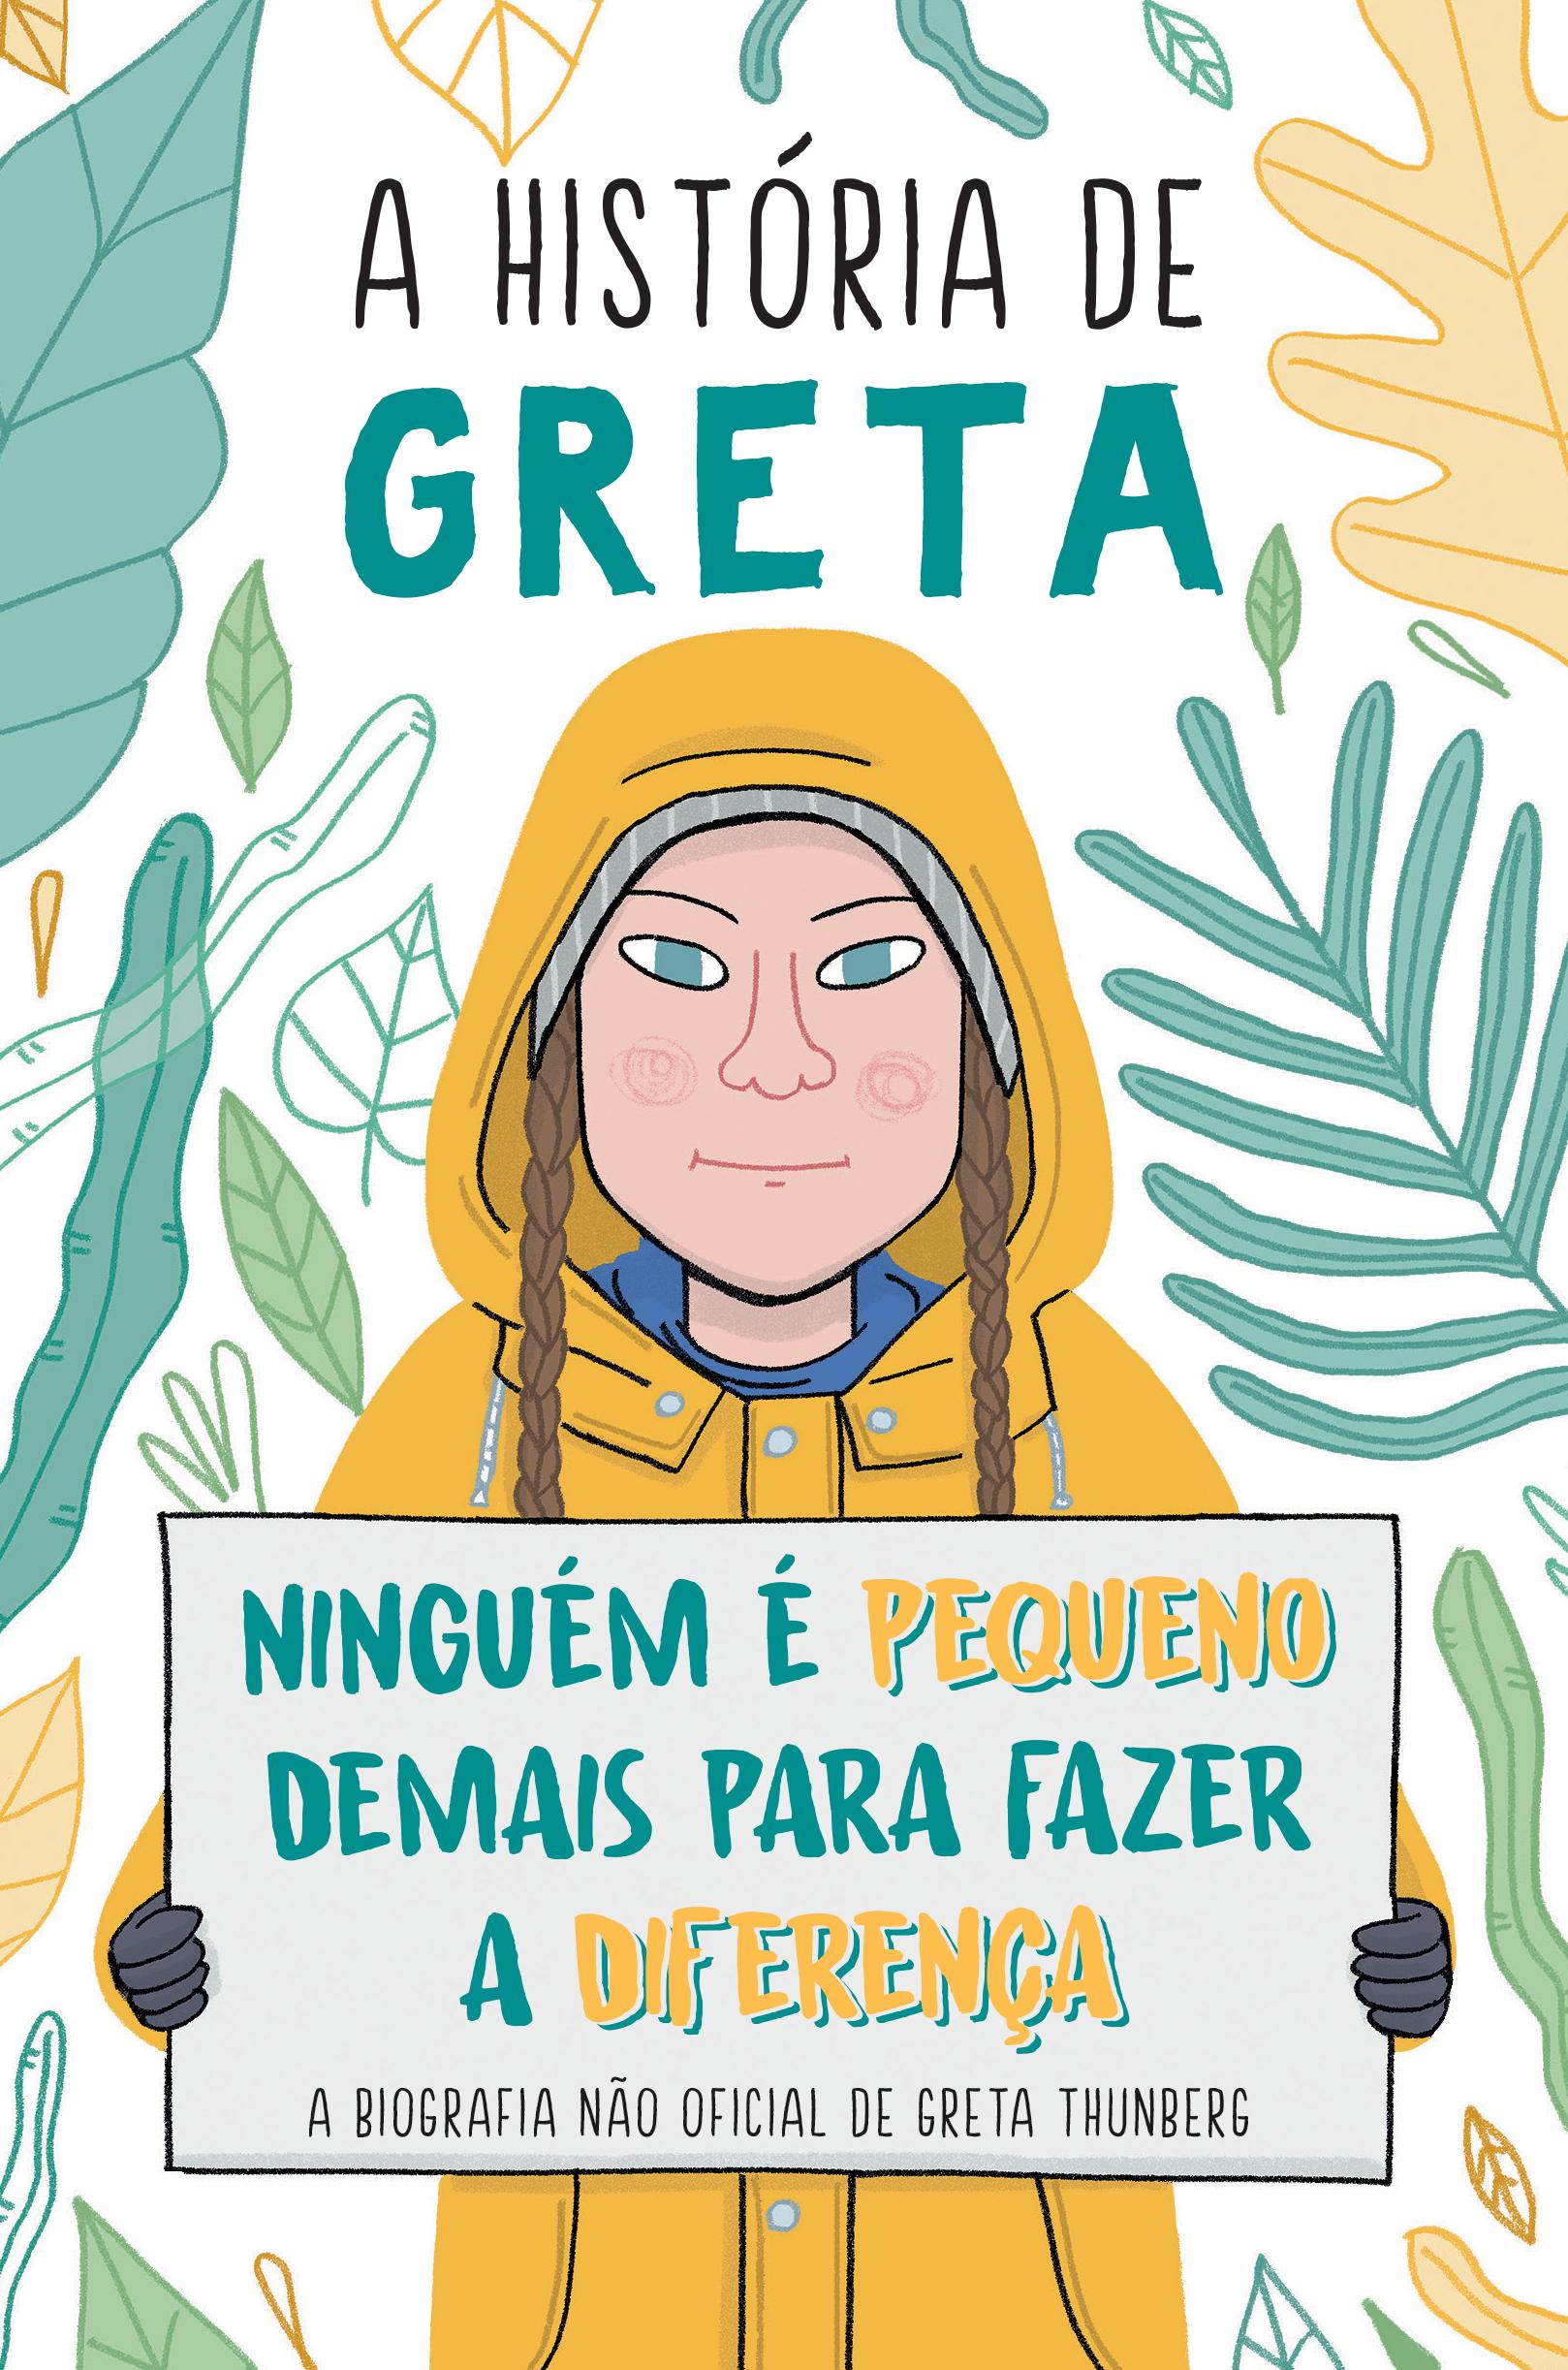 HISTORIA DE GRETA, A - NINGUEM E PEQUENO DEMAIS PARA FAZER A DIFERENCA